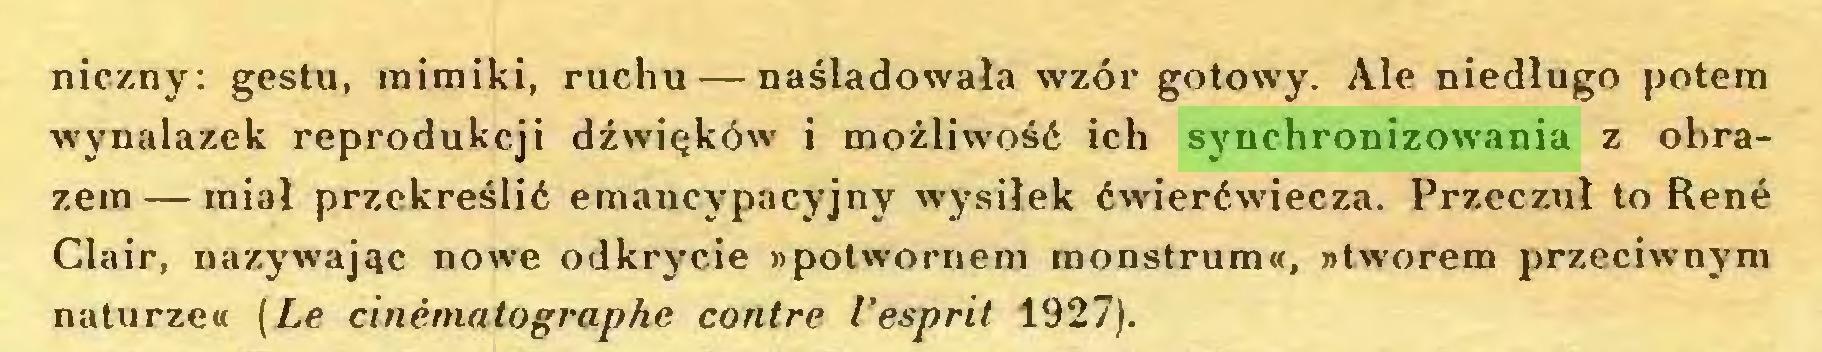 (...) niczny: gestu, mimiki, ruchu — naśladowała wzór gotowy. Ale niedługo potem wynalazek reprodukcji dźwięków i możliwość ich synchronizowania z obrazem— miał przekreślić emancypacyjny wysiłek ćwierćwiecza. Przeczuł to René Clair, nazywając nowe odkrycie »potwornem monstrum«, »tworem przeciwnym naturze« (Le cinématographe contre l'esprit 1927)...